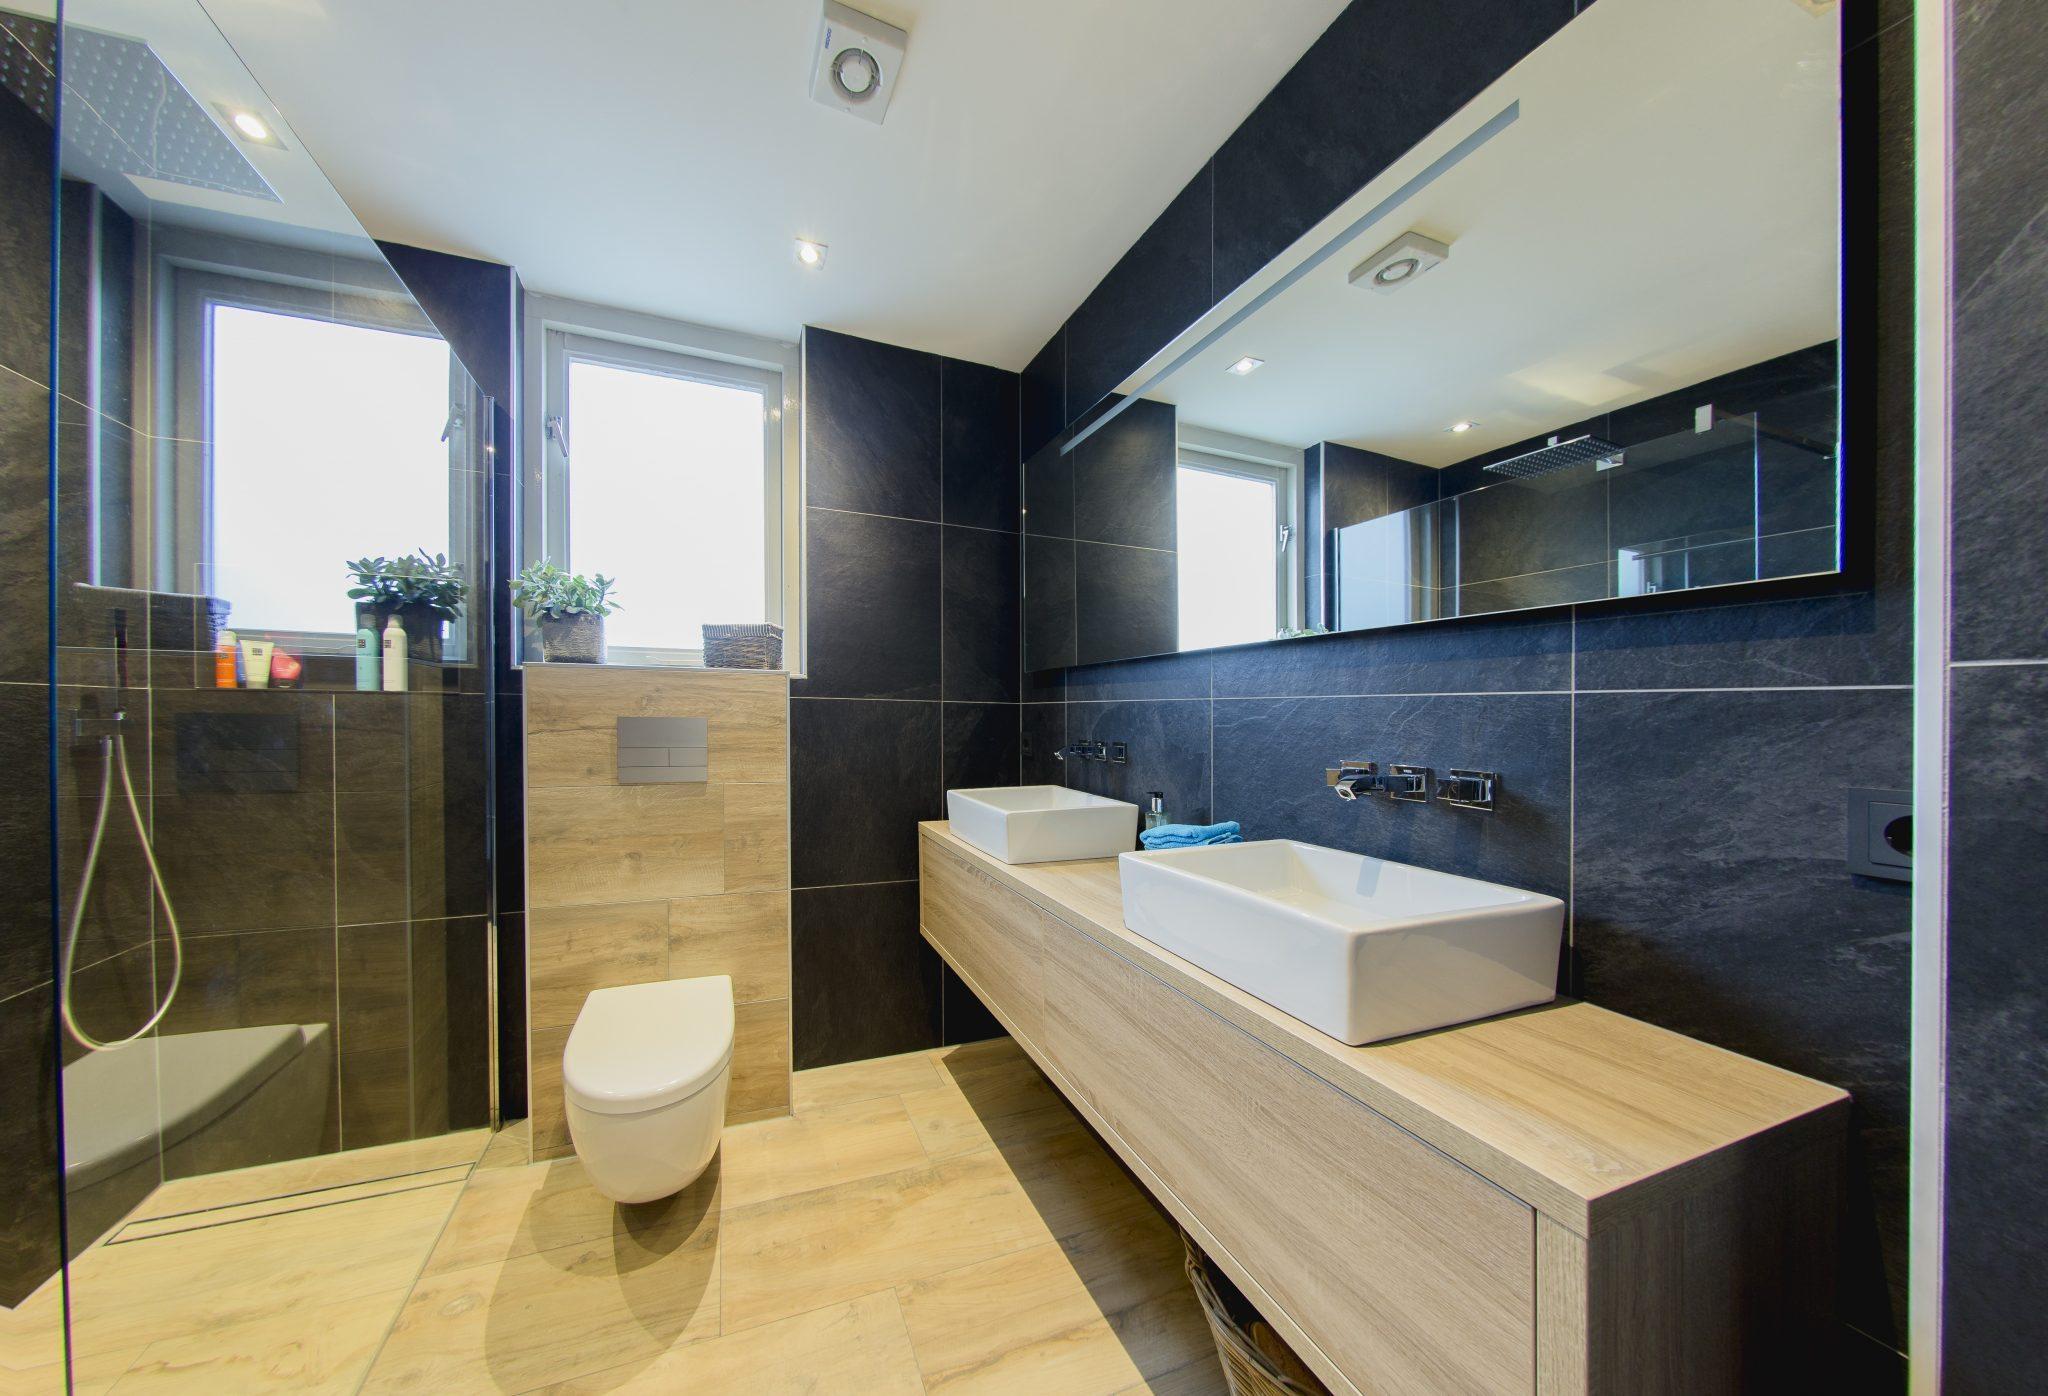 Complete badkamer maak uw droombadkamer compleet